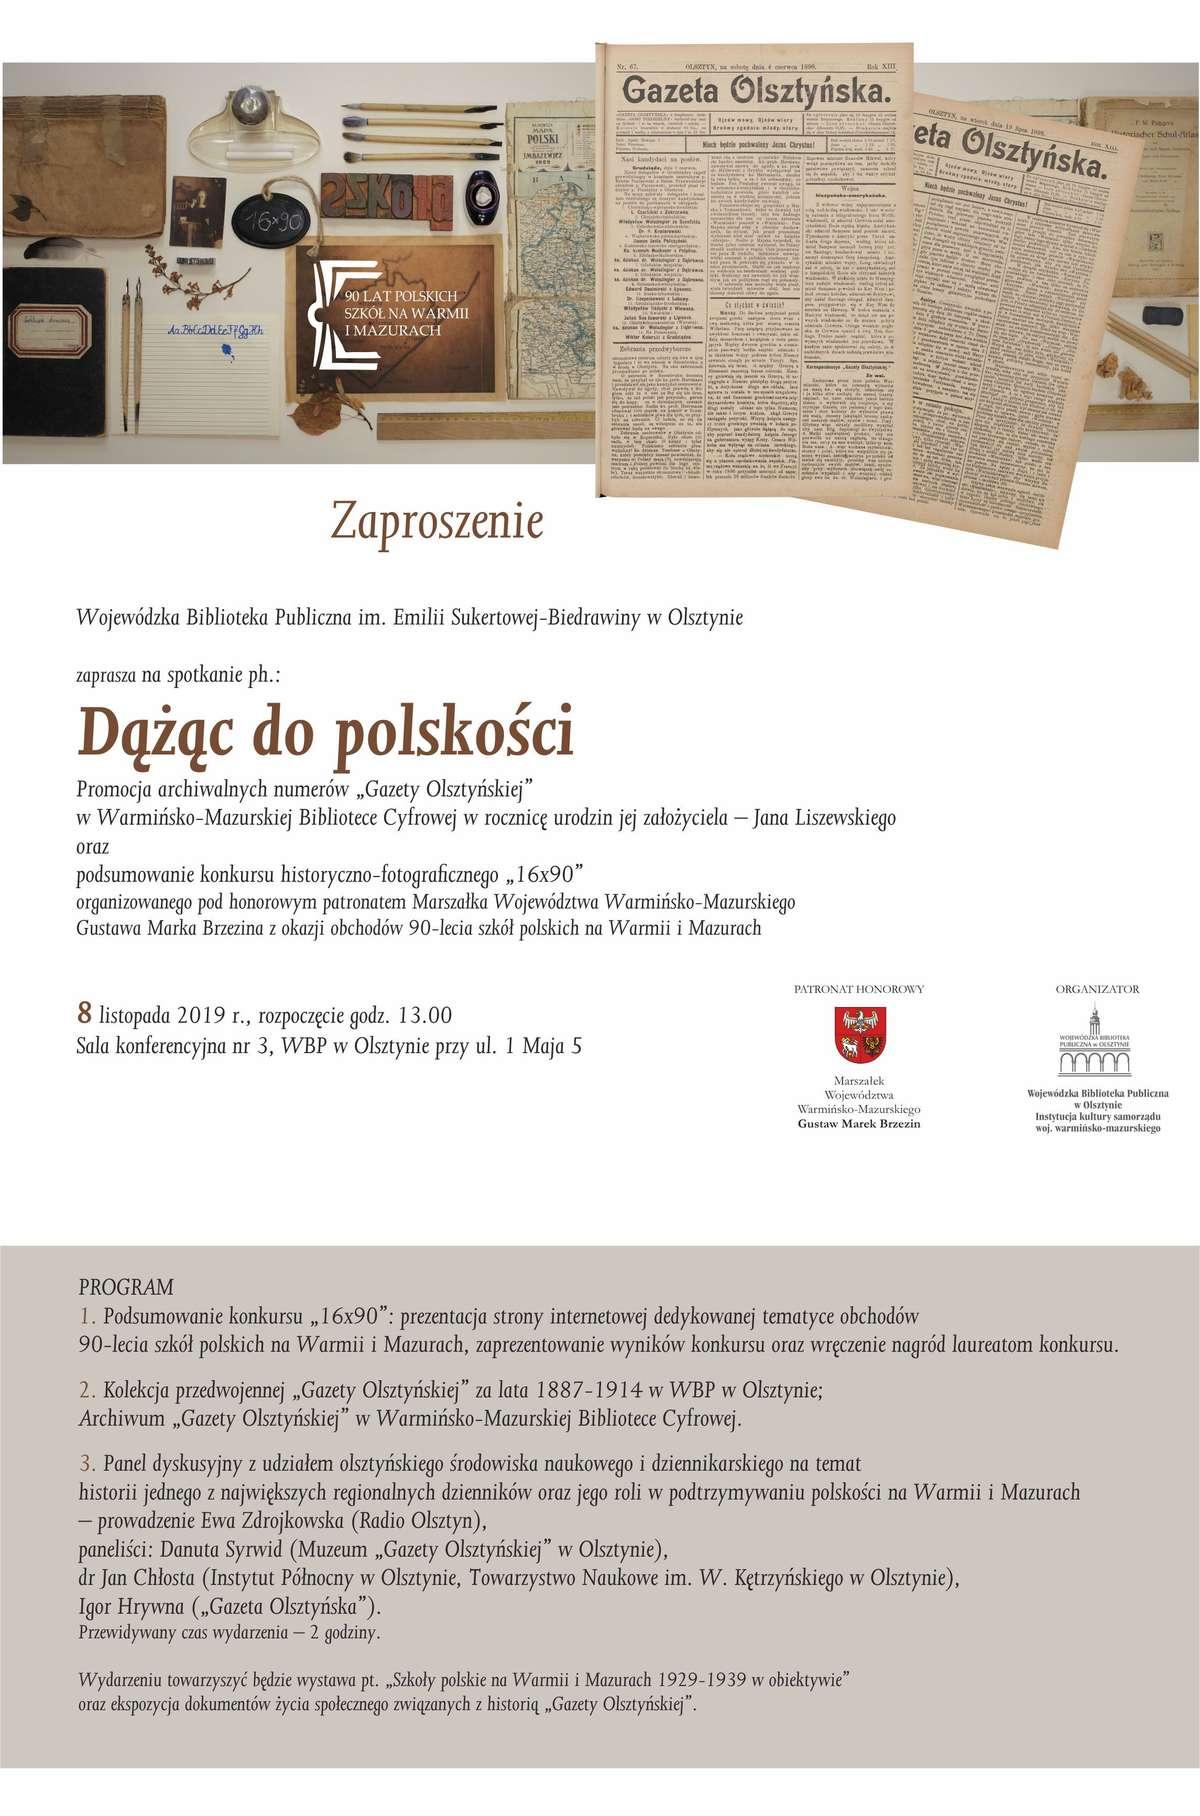 Spotkanie Dążąc do polskości - full image